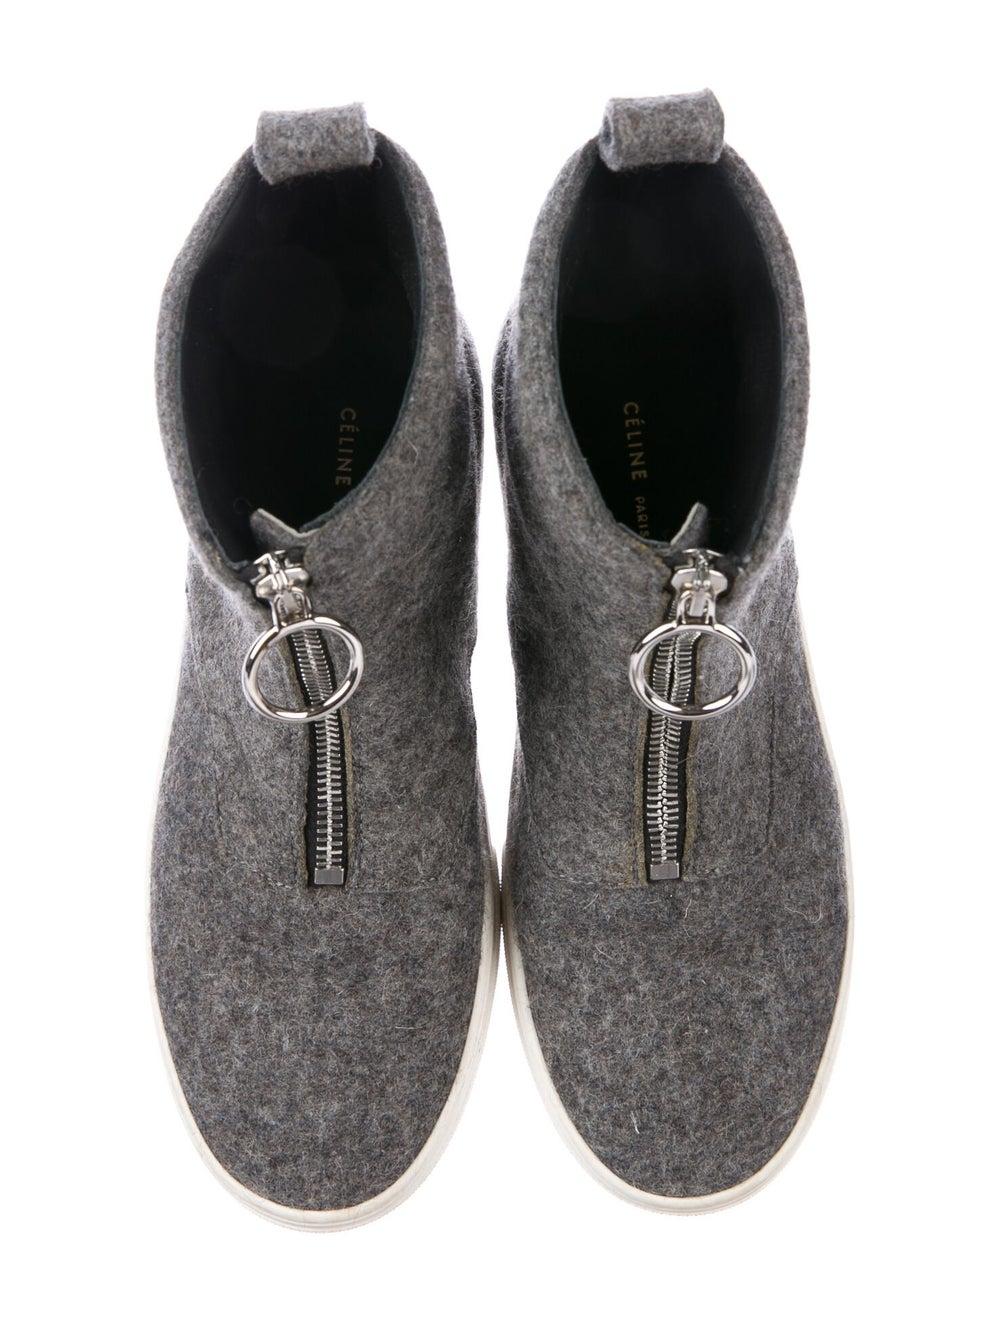 Celine Sneakers Grey - image 3